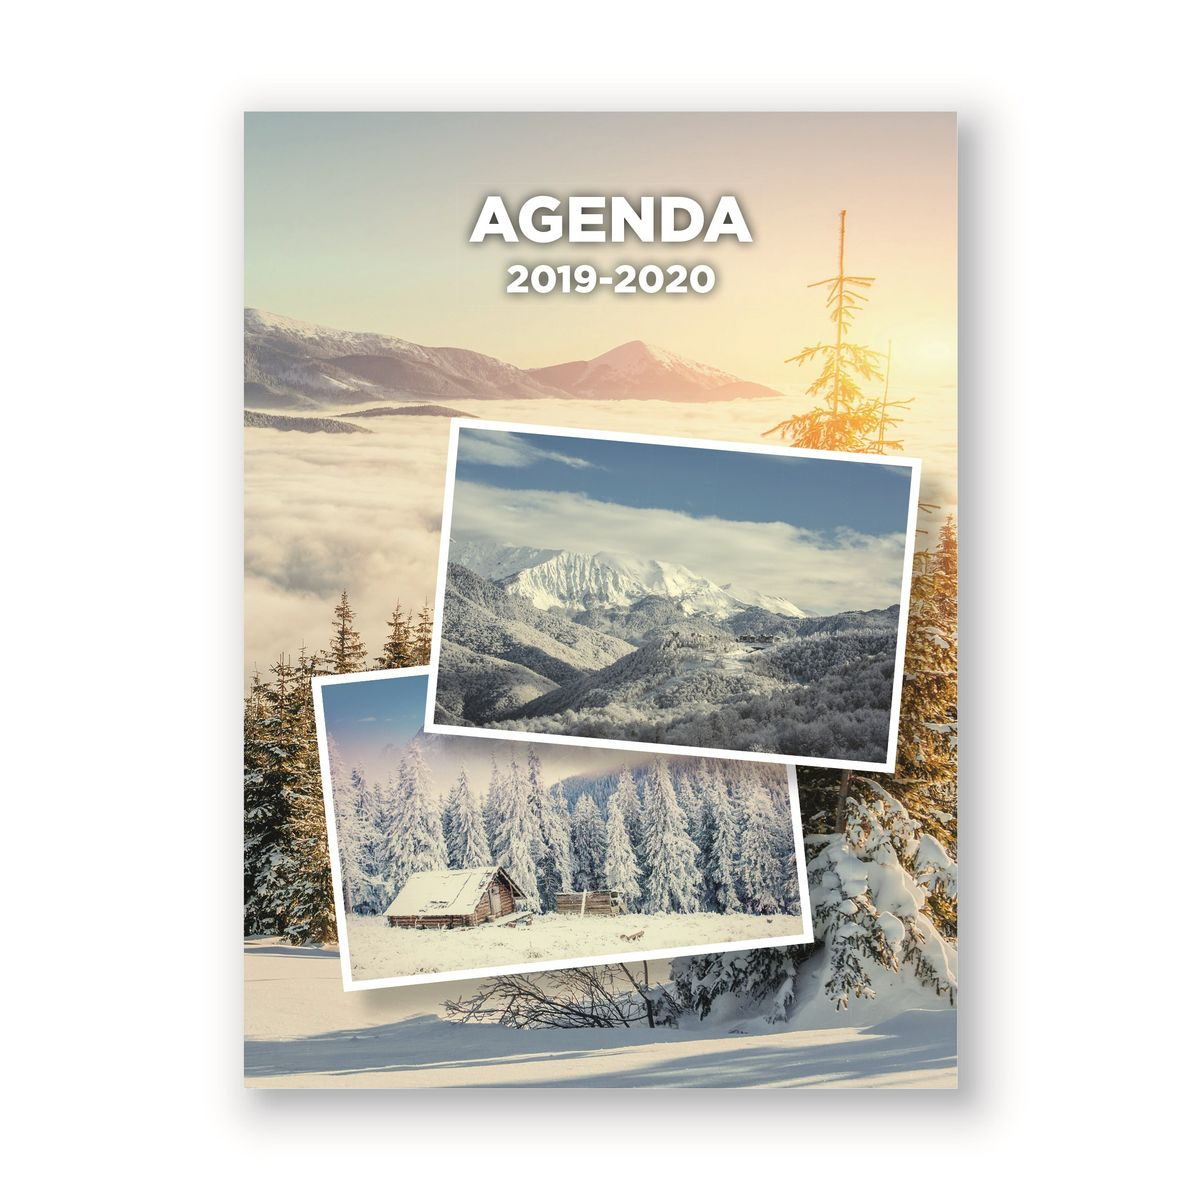 Agenda scolaire journalier 320 pages 119x163cm lycéen fantaisie montagne 2019 2020